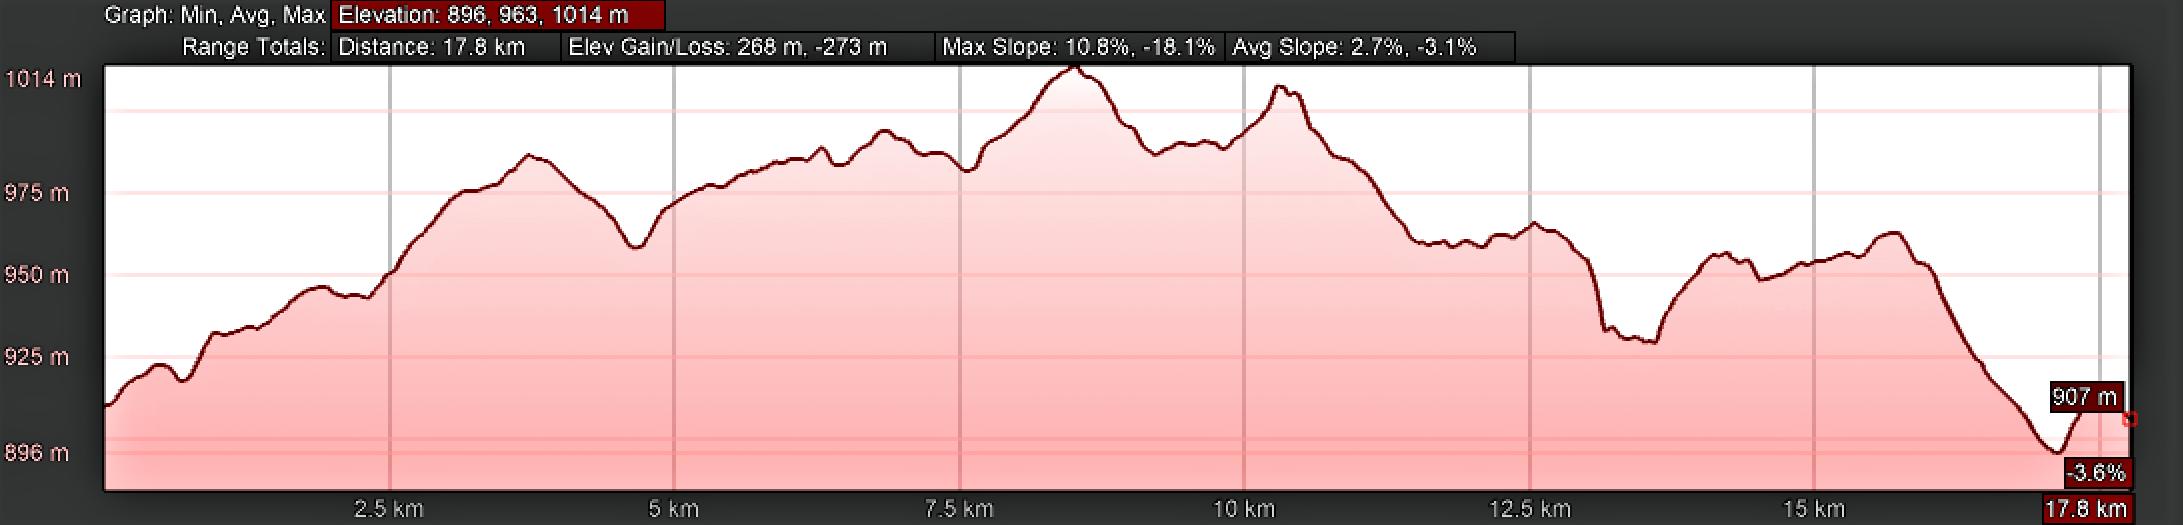 Elevation Profile, Camino Sanabrés, Entrepeñas to Puebla de Sanabria